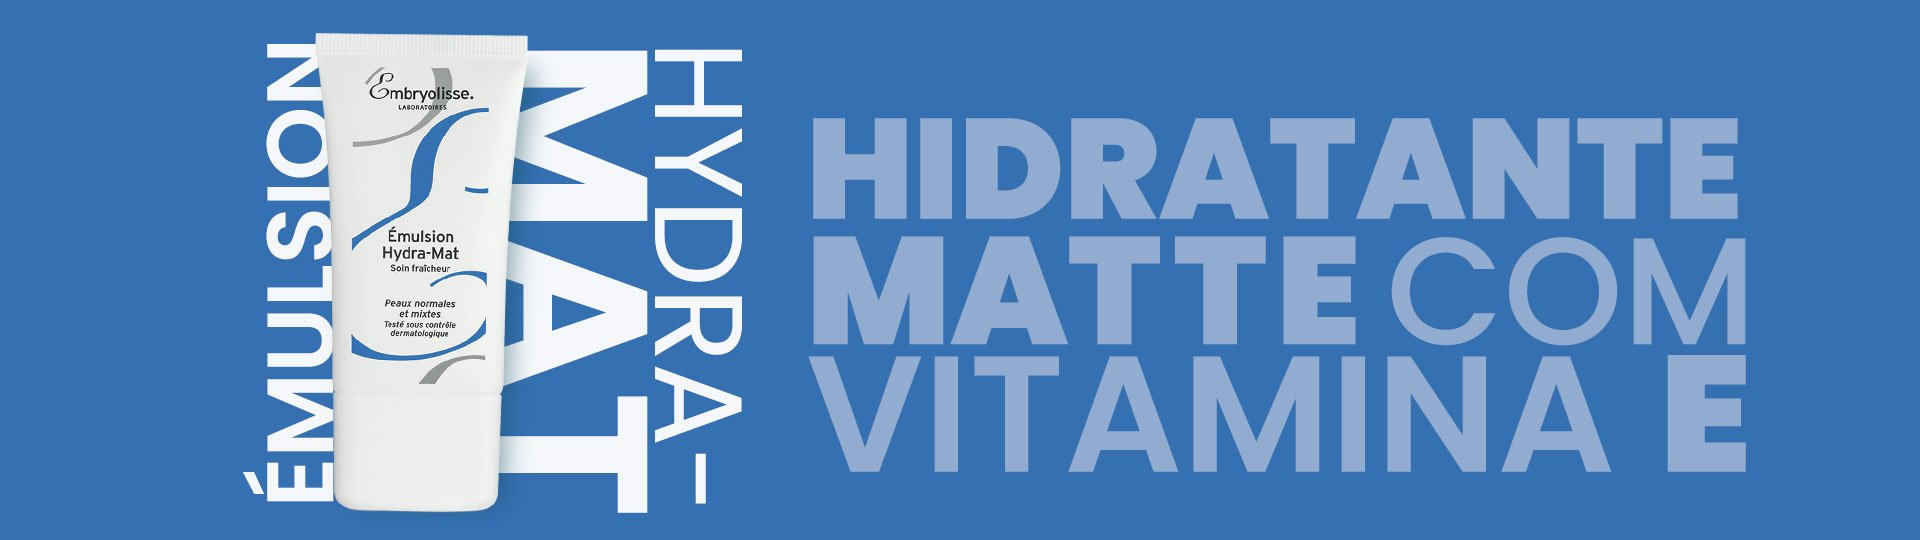 [Concept] Hydra Mat